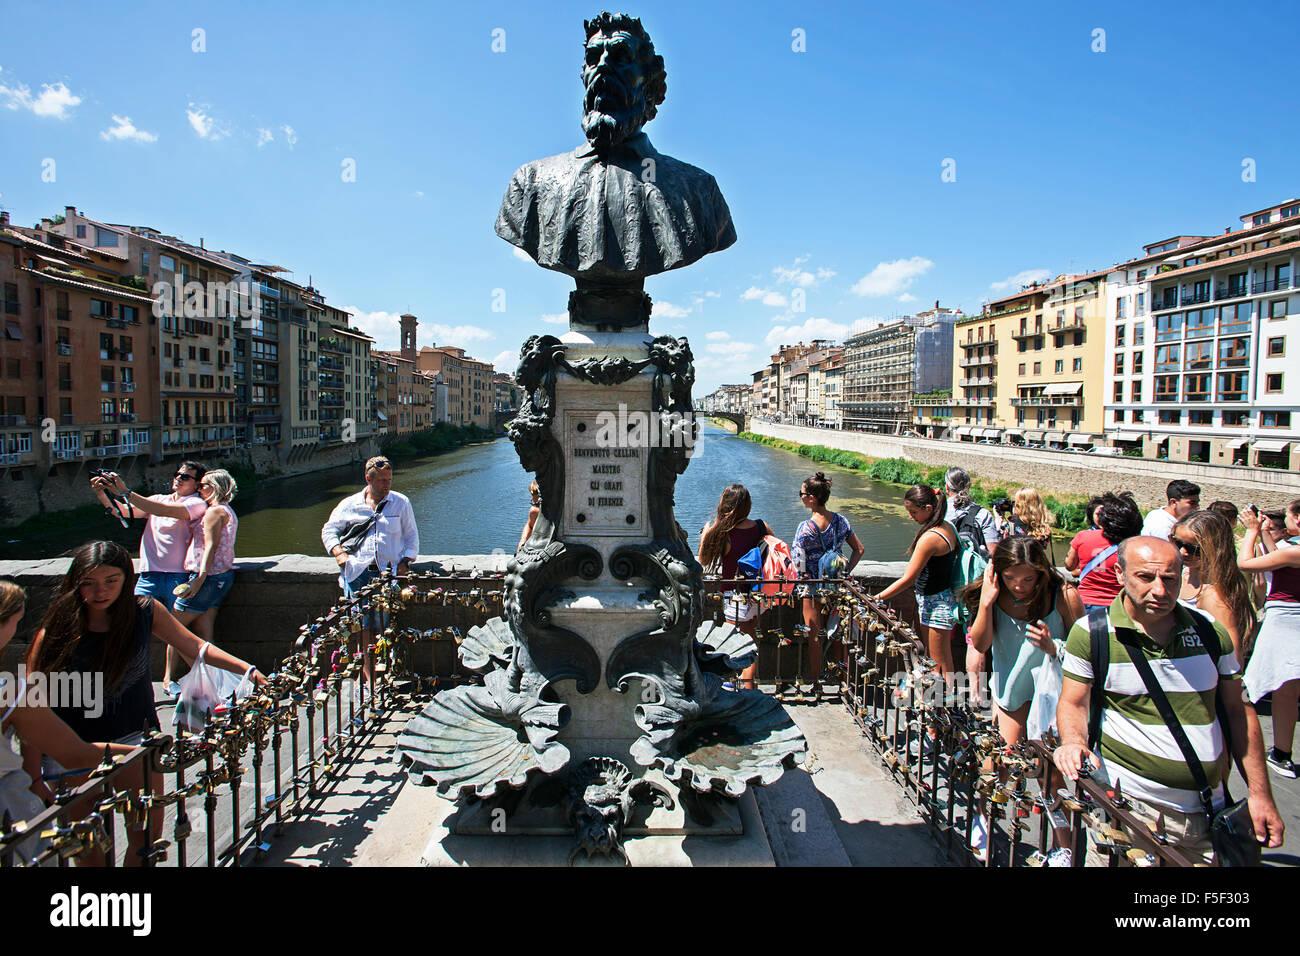 Büste von Benvenuto Cellini Goldschmied, Bildhauer, Maler auf der Ponte Vecchio, Florenz Stockbild